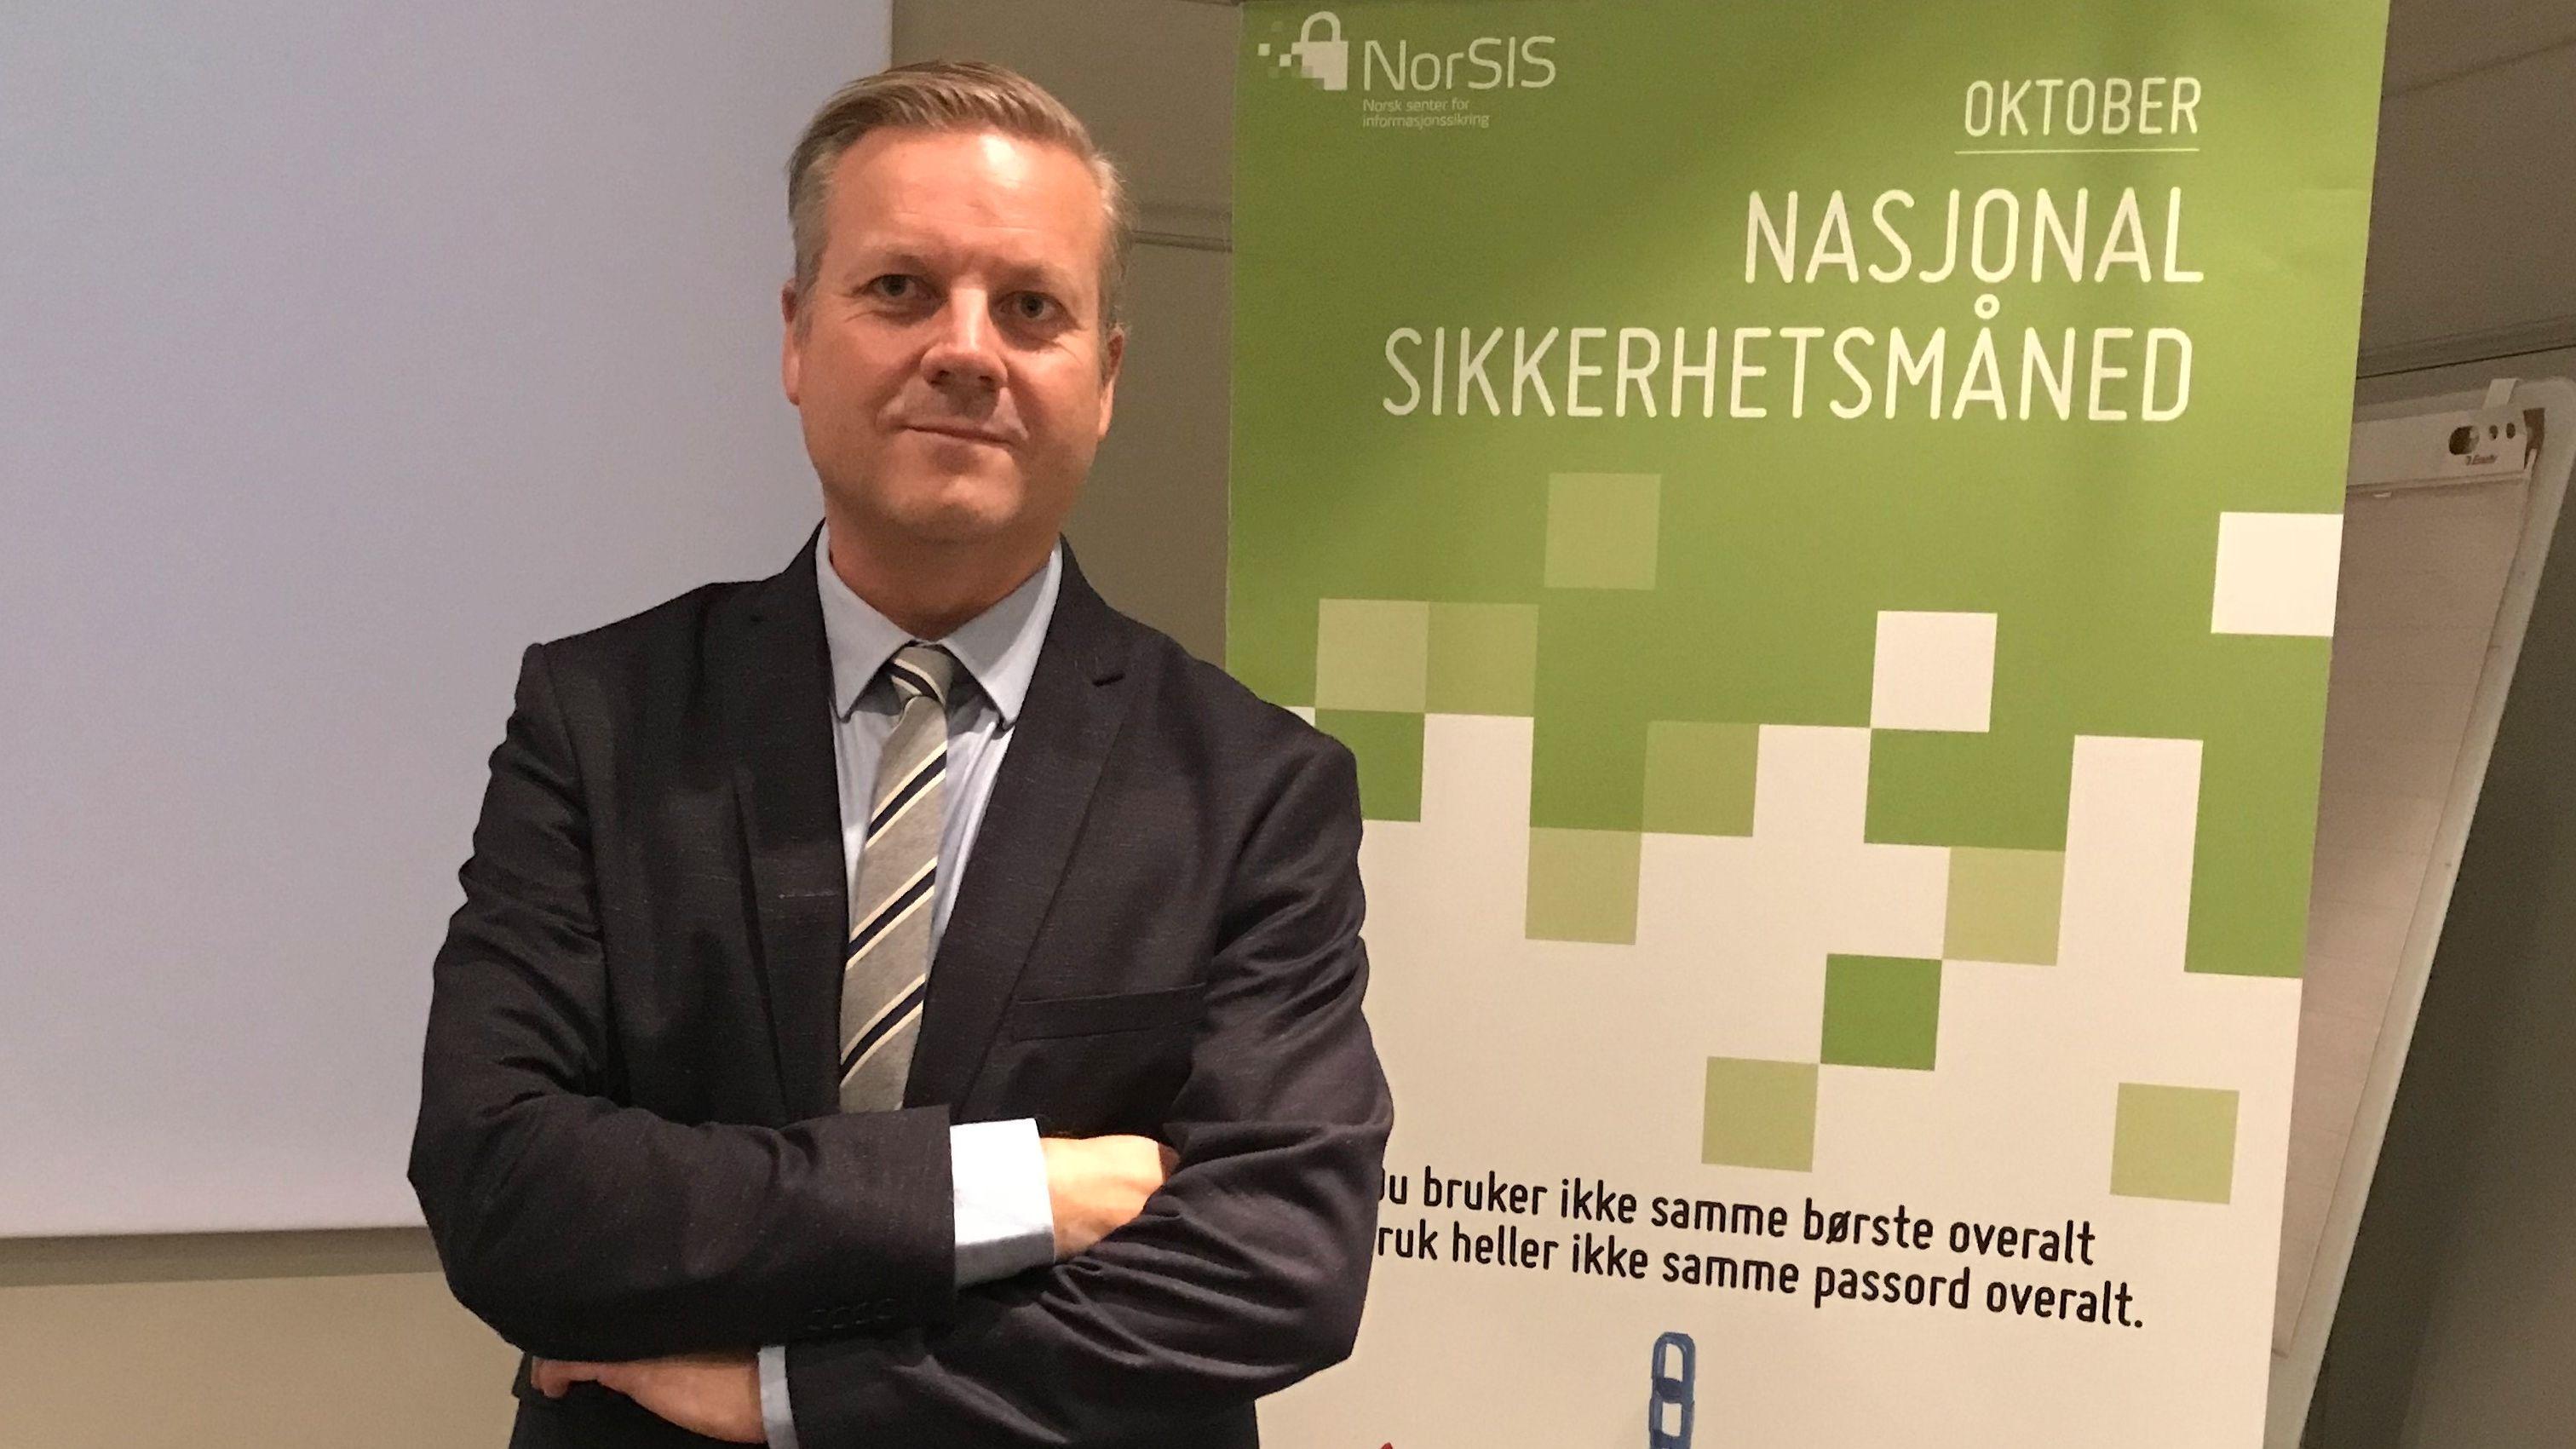 Roper varsko: Norsk ungdom er sinker på digital sikkerhet